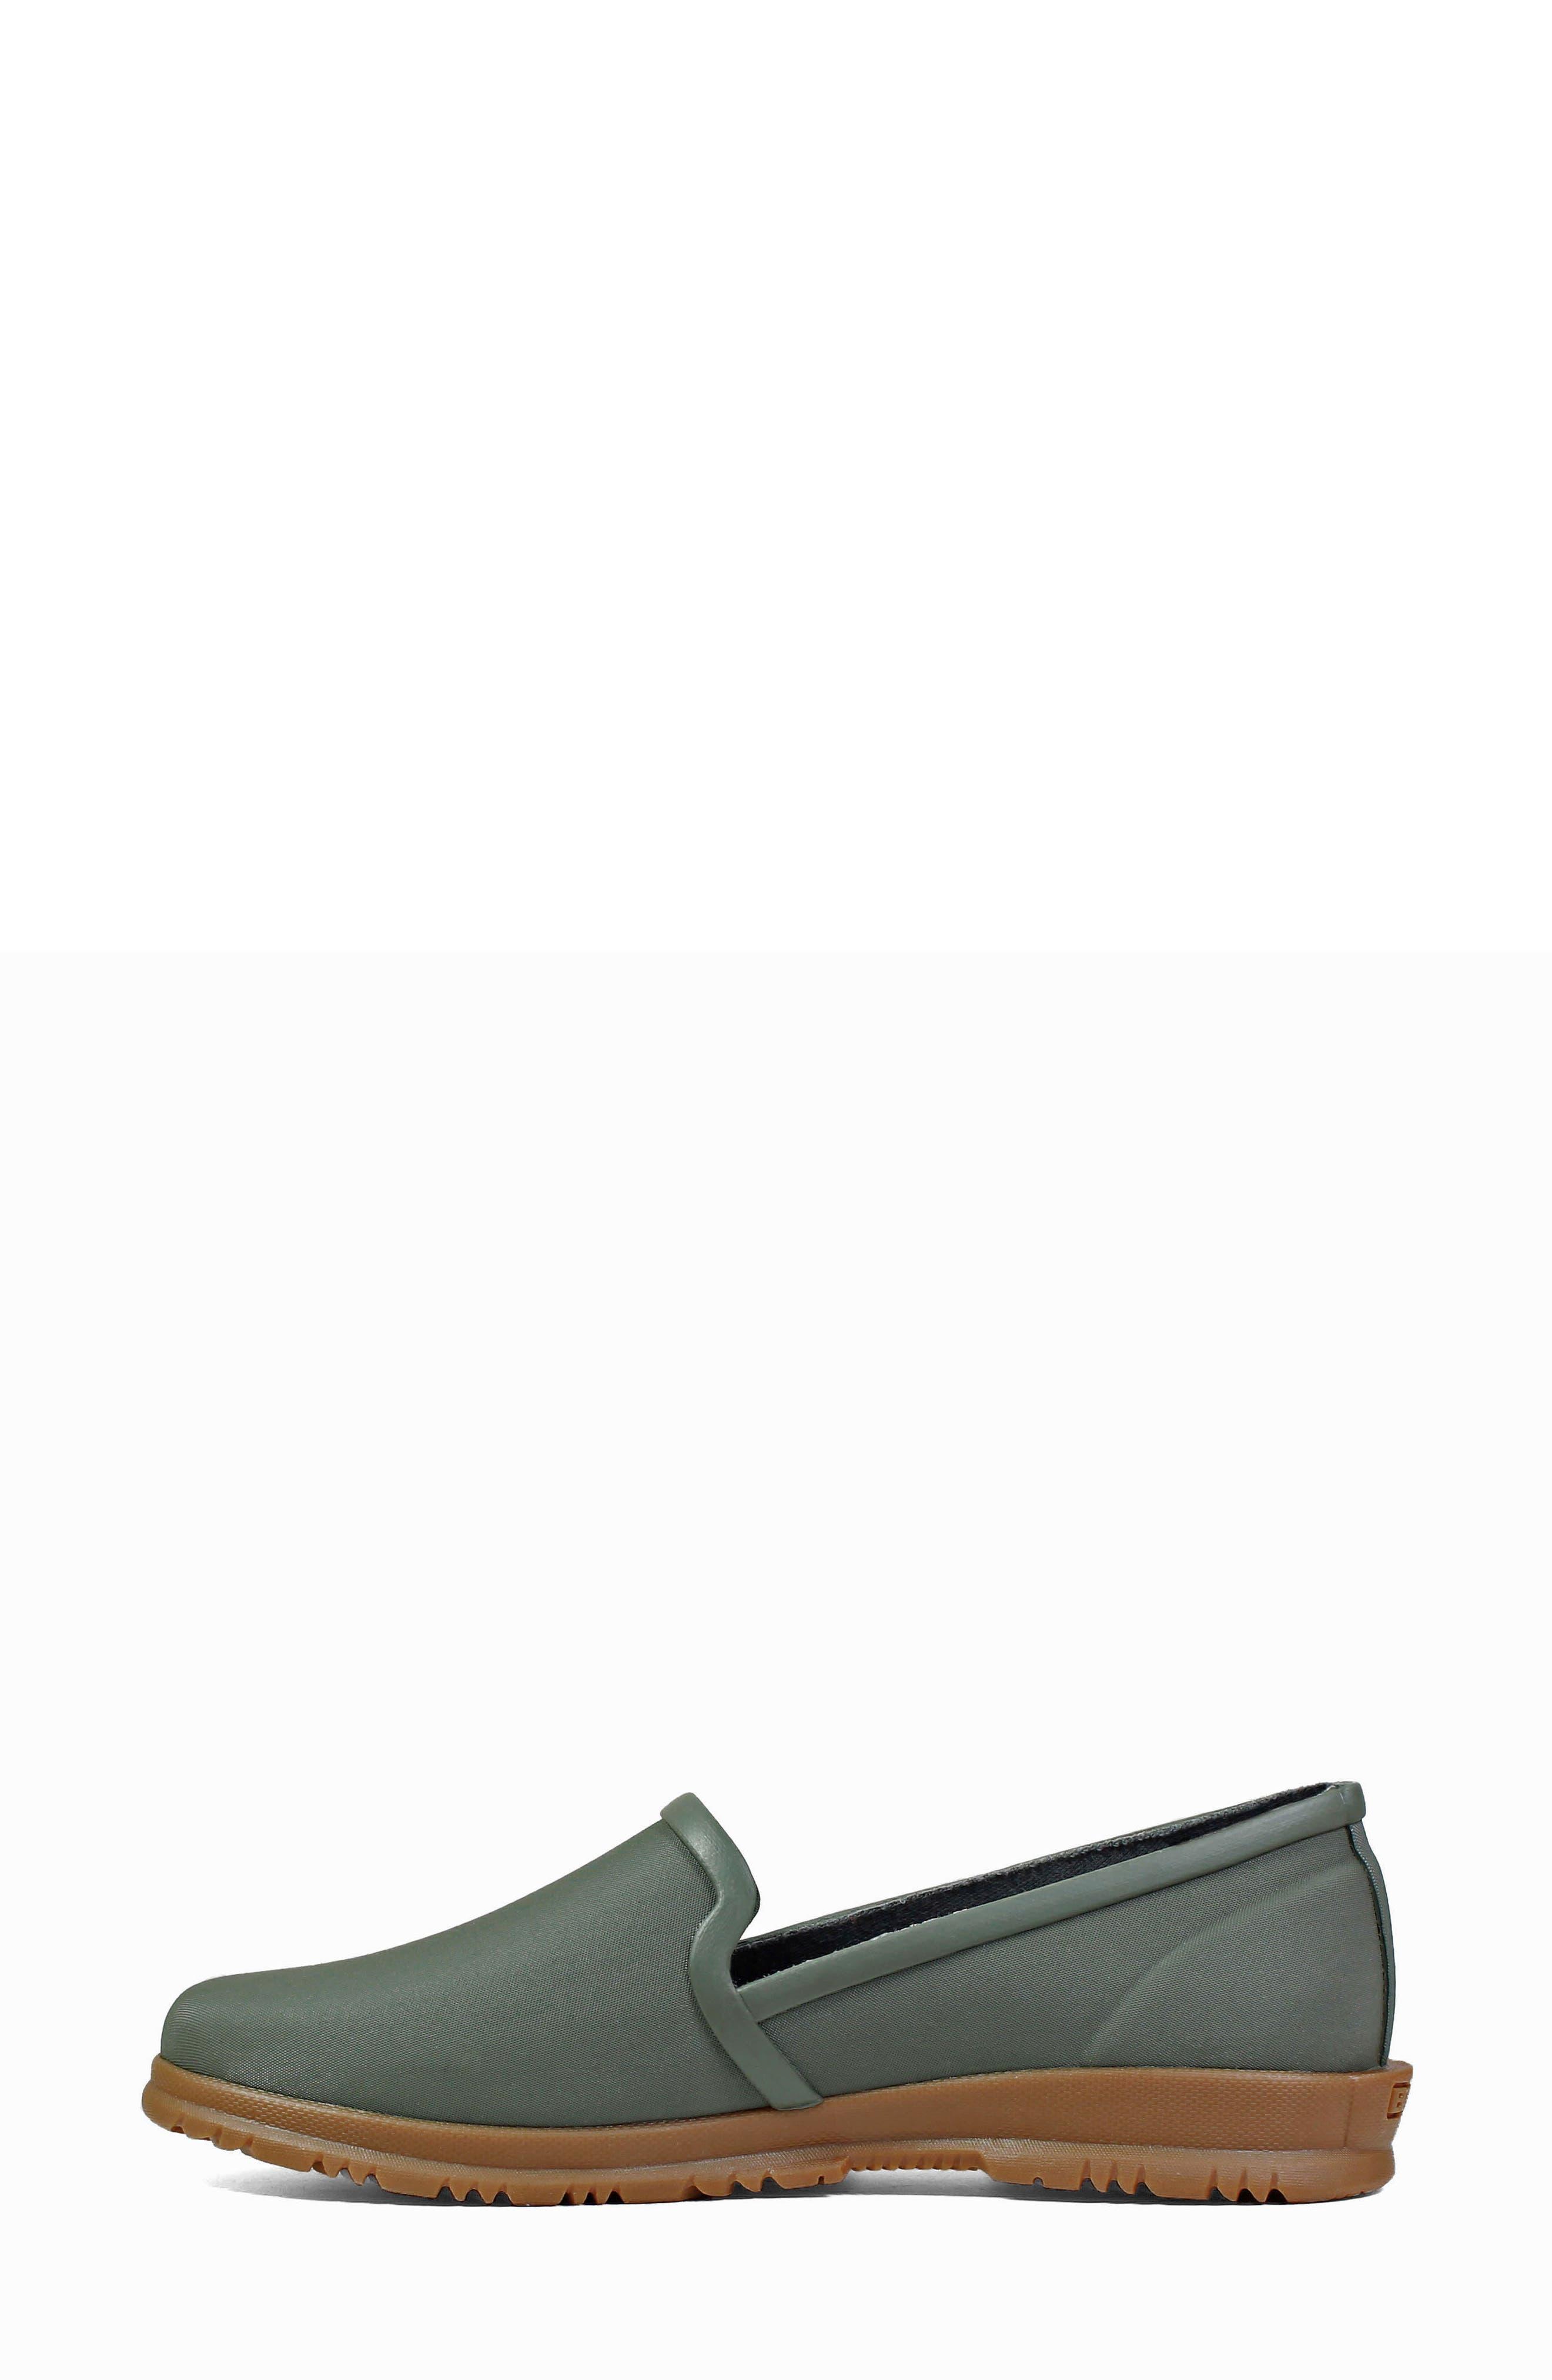 BOGS,                             Sweetpea Waterproof Slip-On Sneaker,                             Alternate thumbnail 9, color,                             SAGE